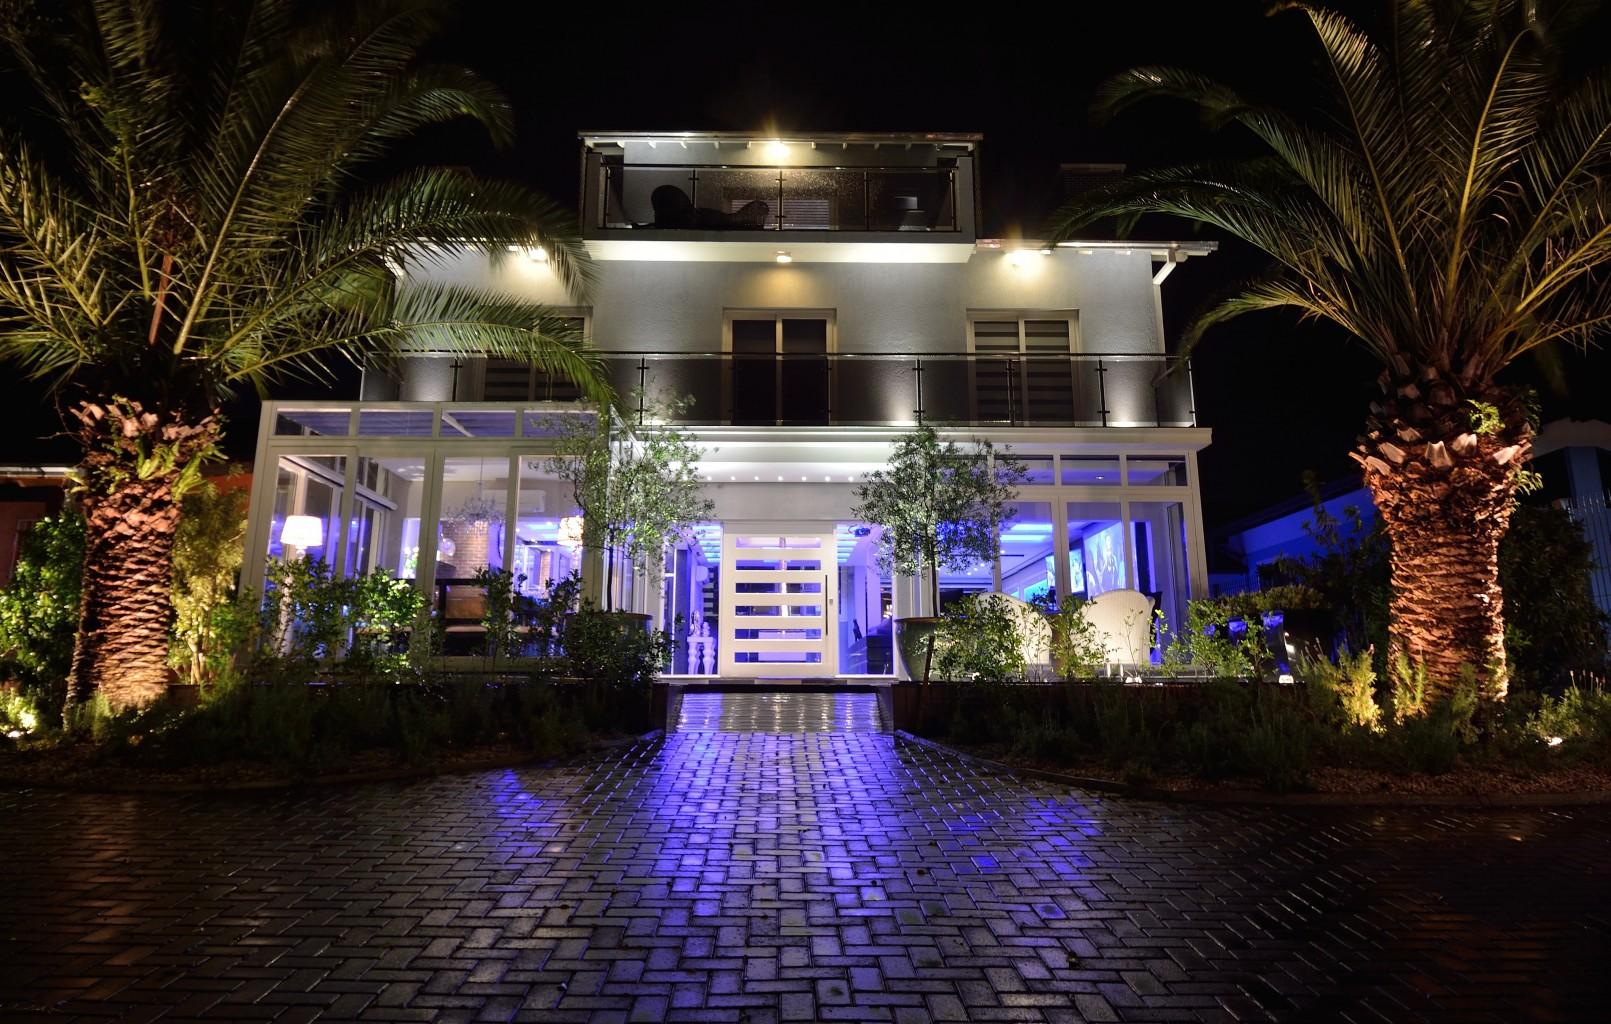 paulinho_peres_group_arquitetura_design_mansao_canariense_paisagismo_casa_de_luxo_1